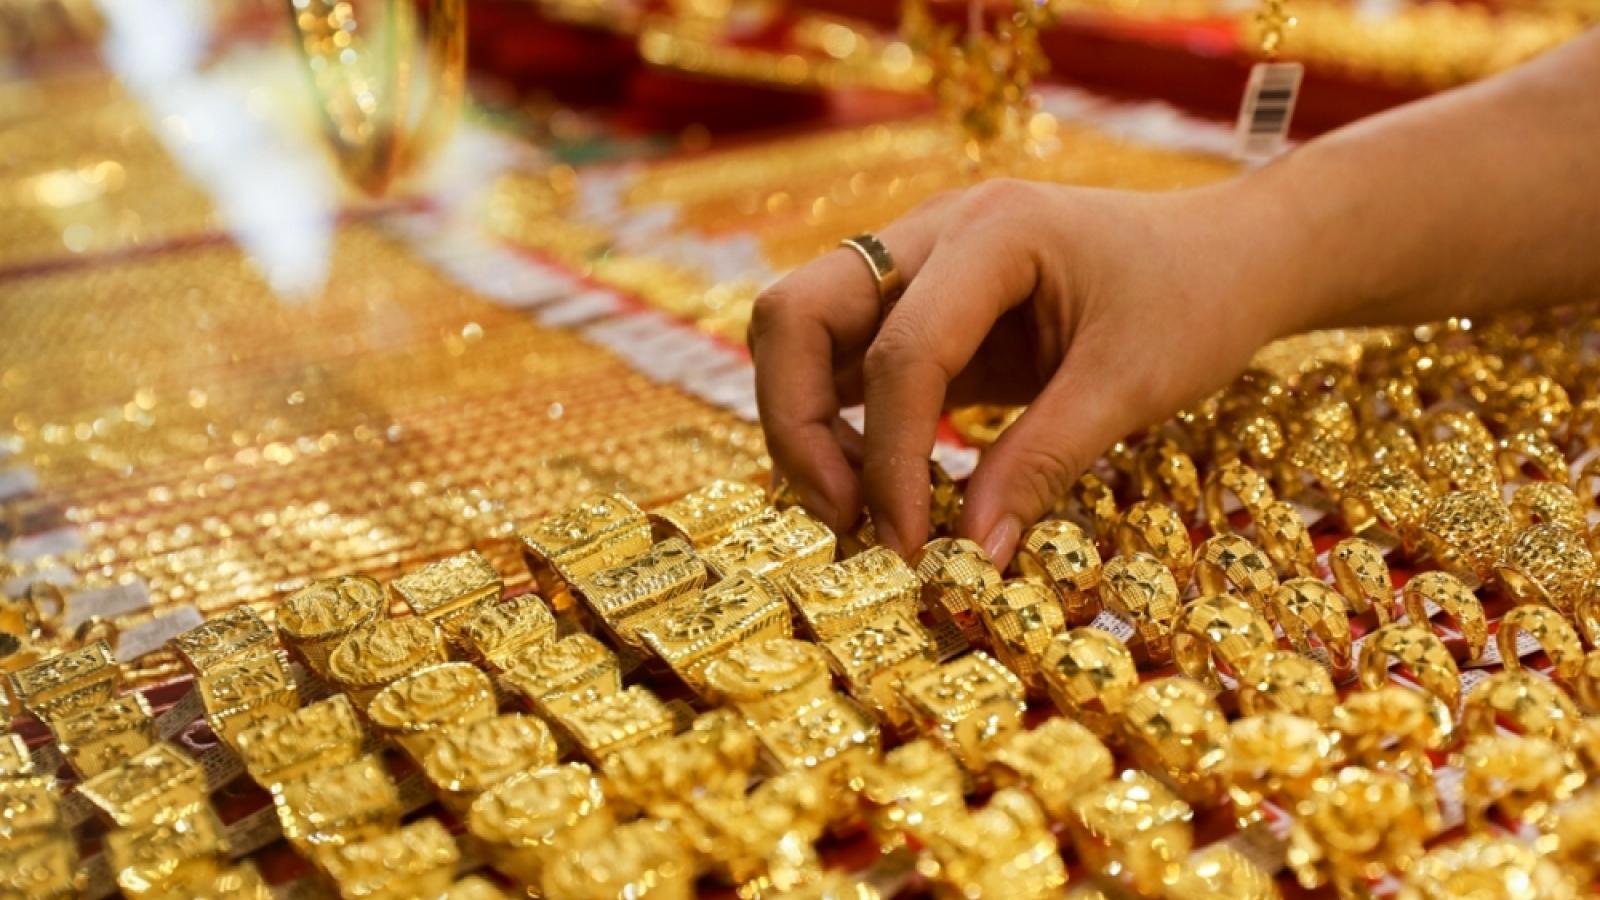 Giá vàng SJC cao hơn vàng thế giới 7,12 triệu đồng/lượng